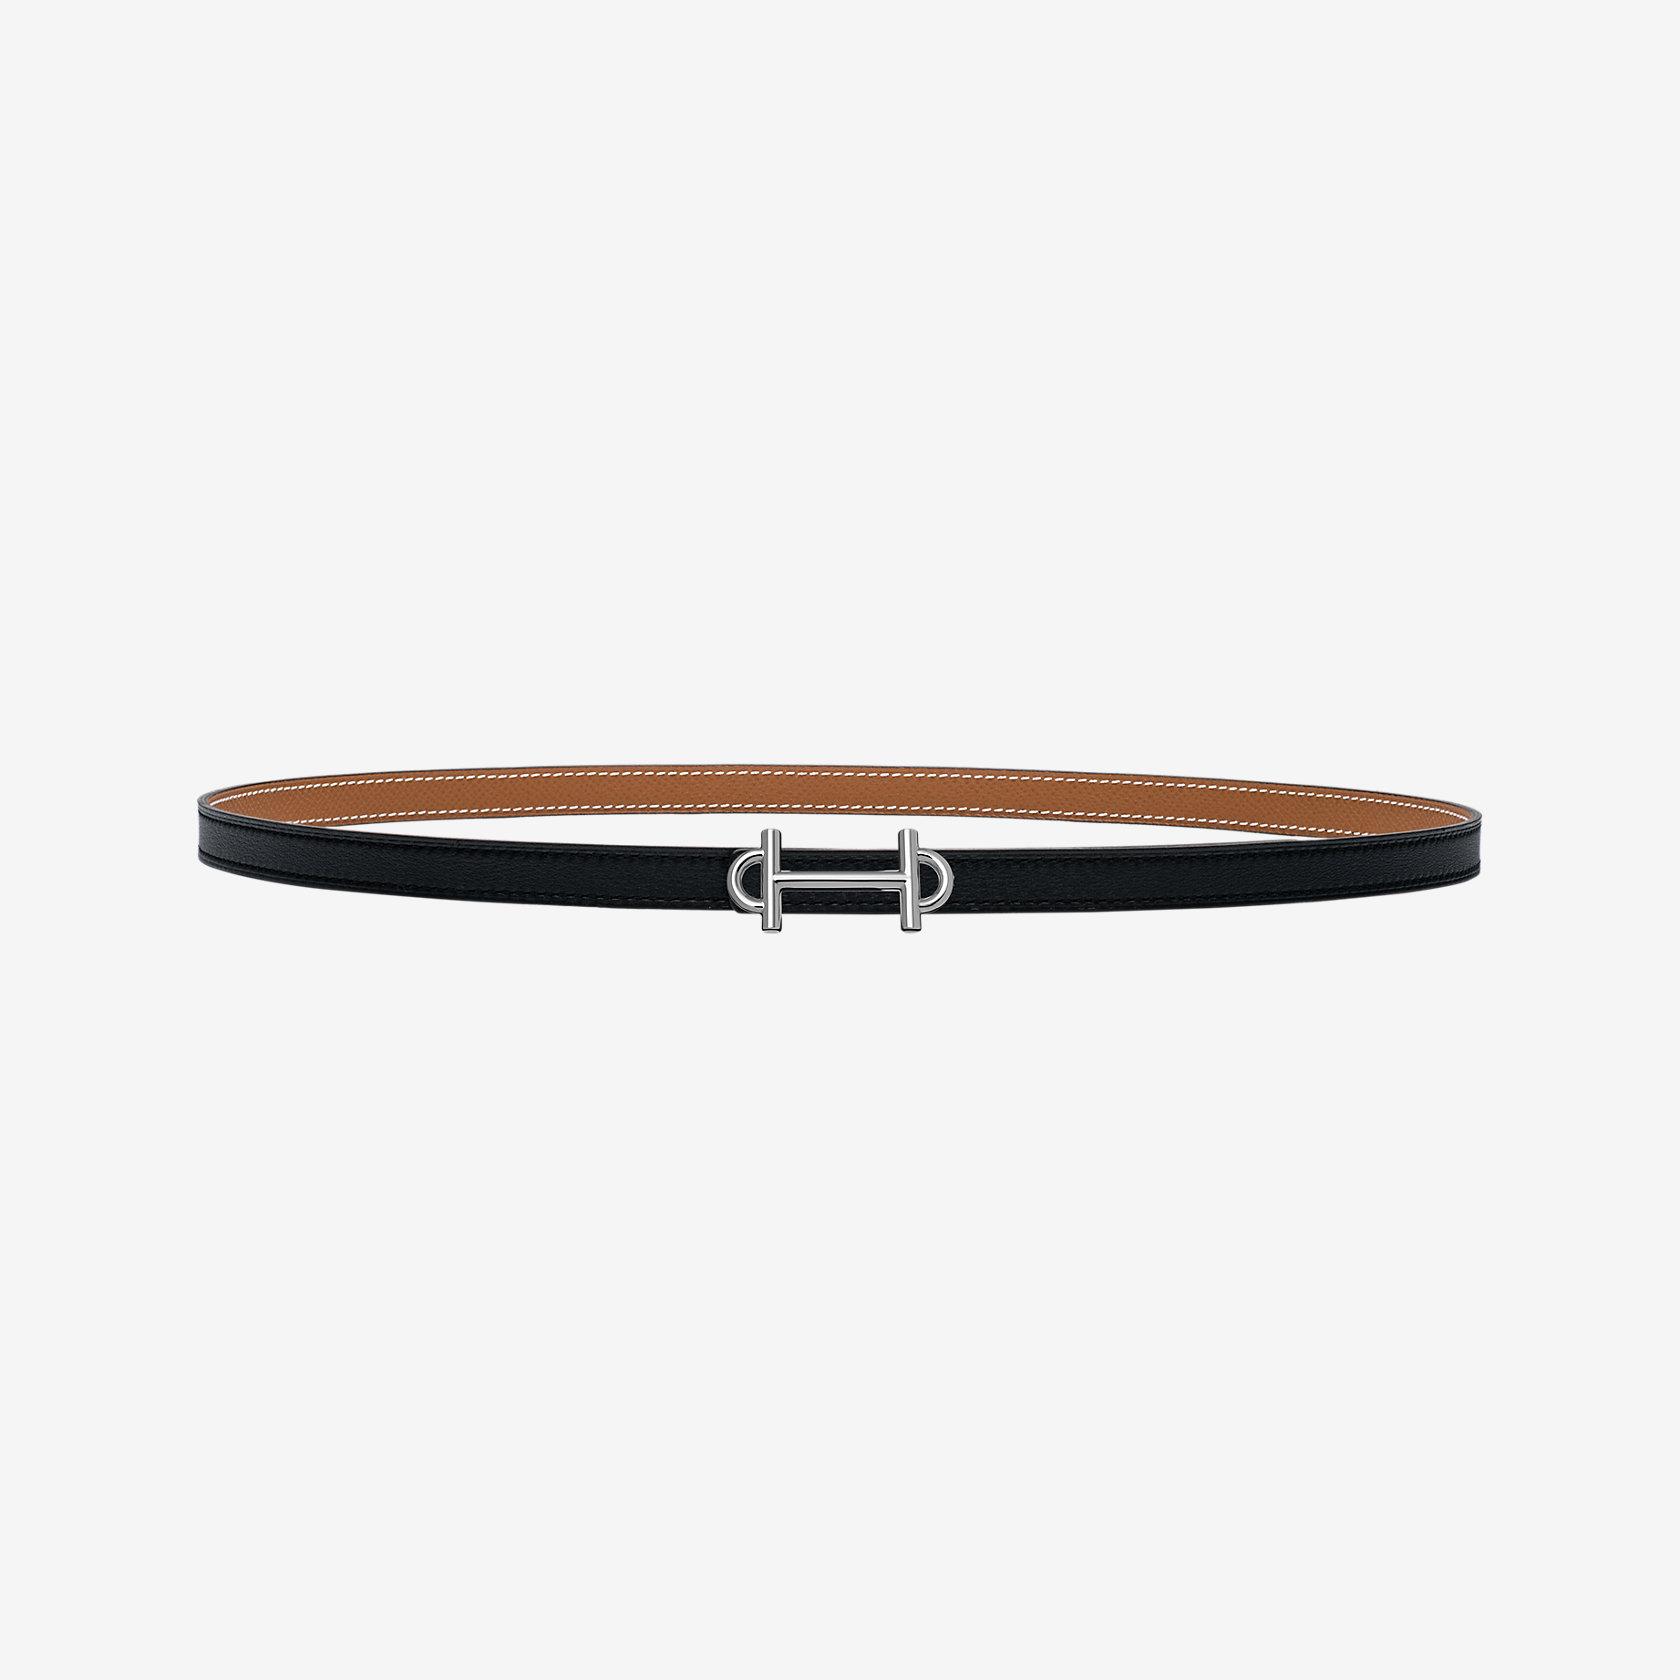 eb9bd6561ddc Boucle de ceinture Gamma   Cuir de ceinture réversible 13 mm   Hermès